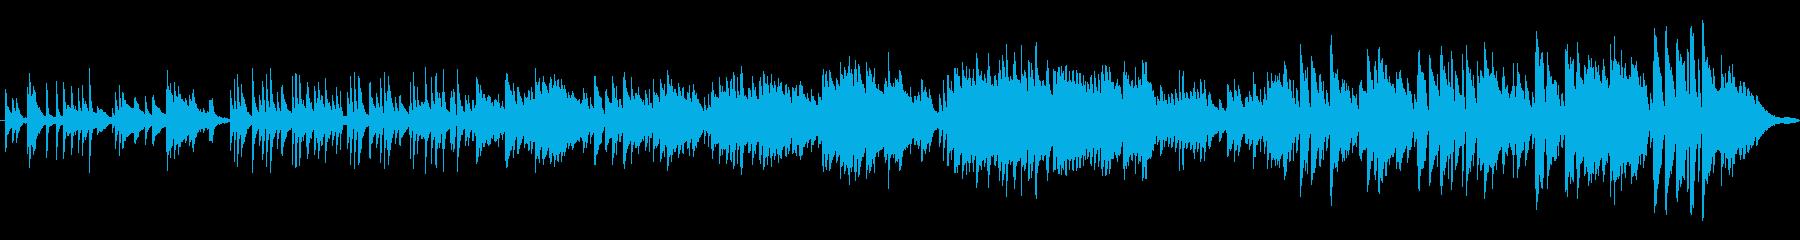 雨上がりの新鮮なピアノの響きの再生済みの波形